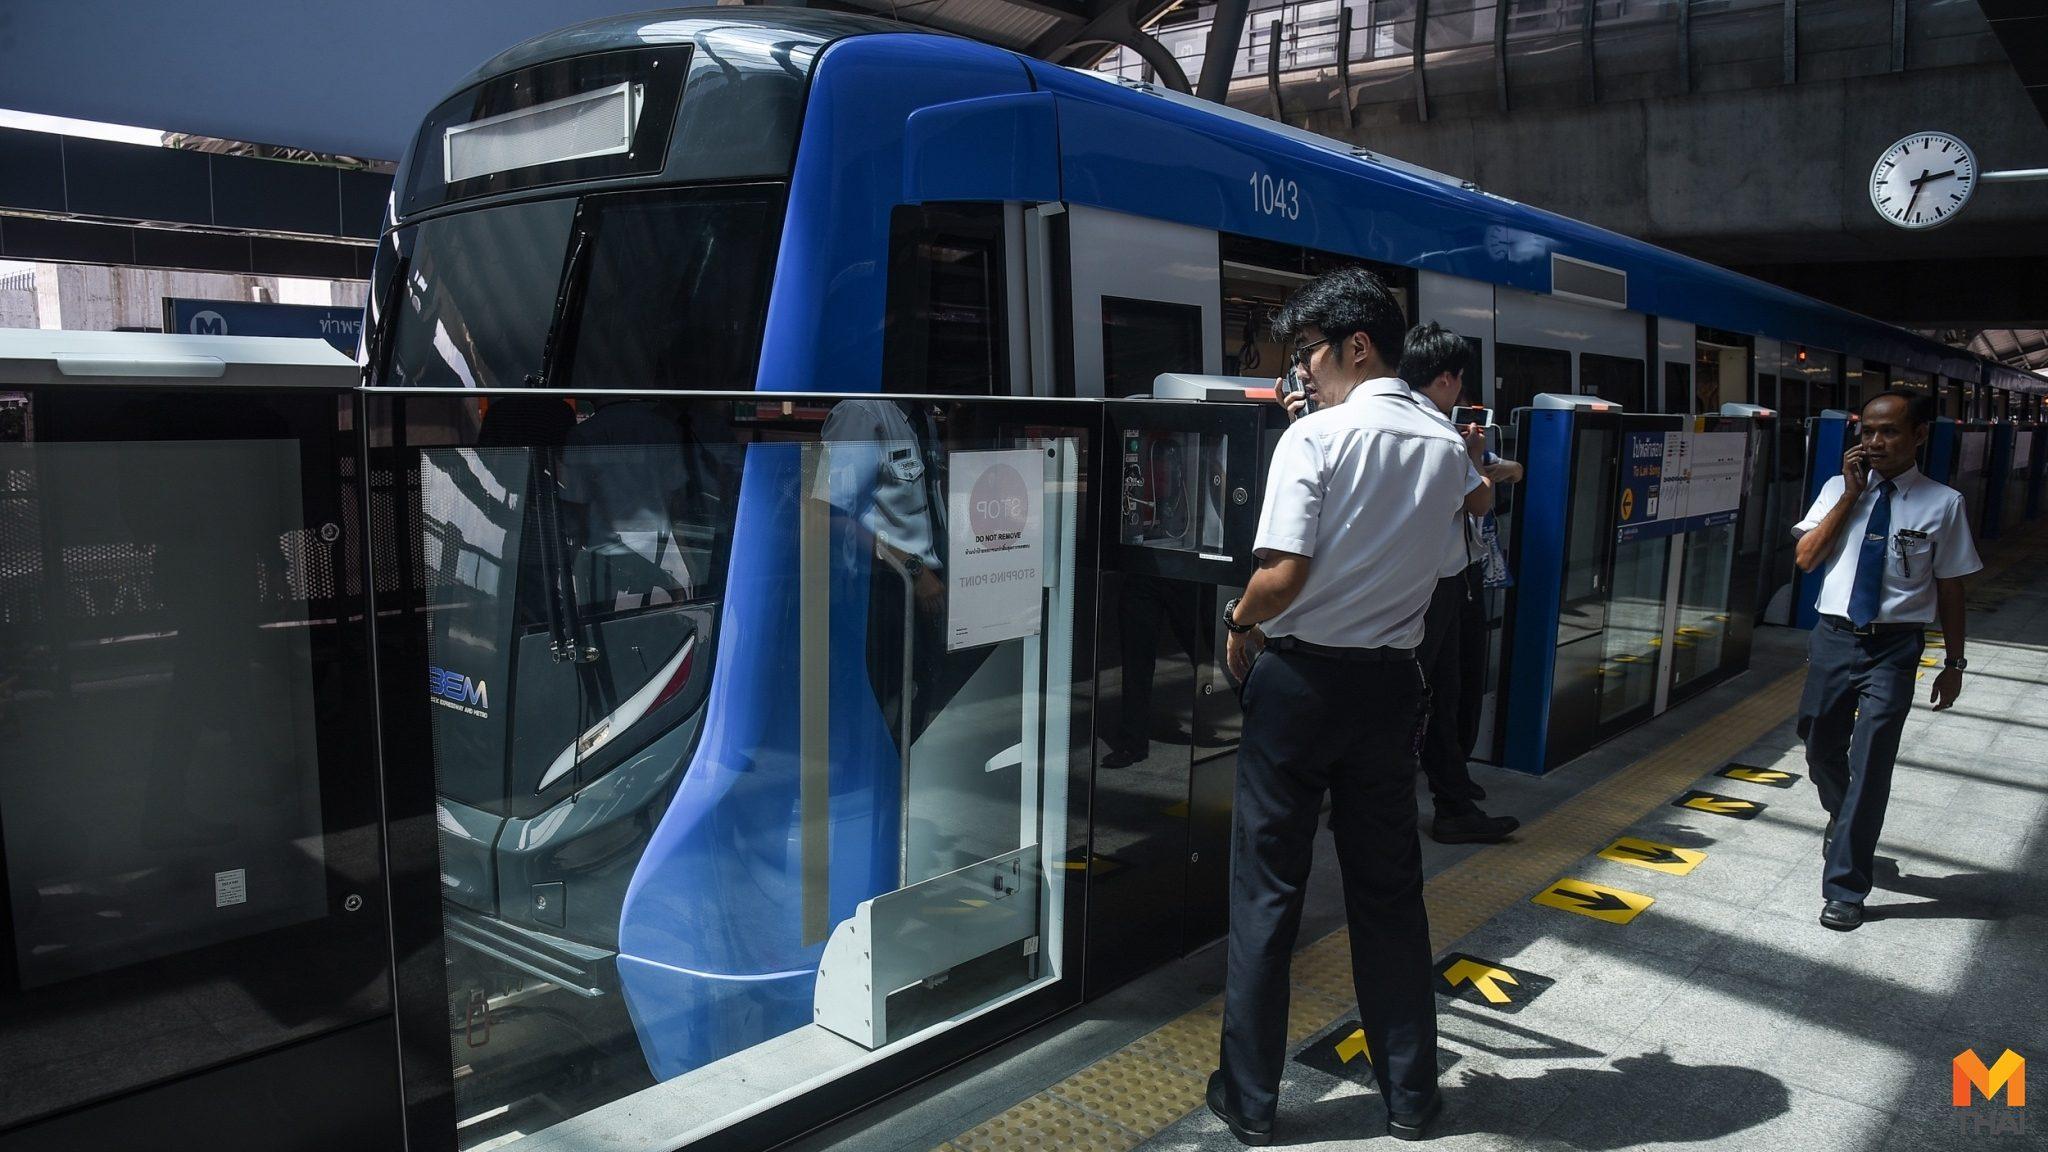 รถไฟฟ้าสายสีน้ำเงิน รฟม.